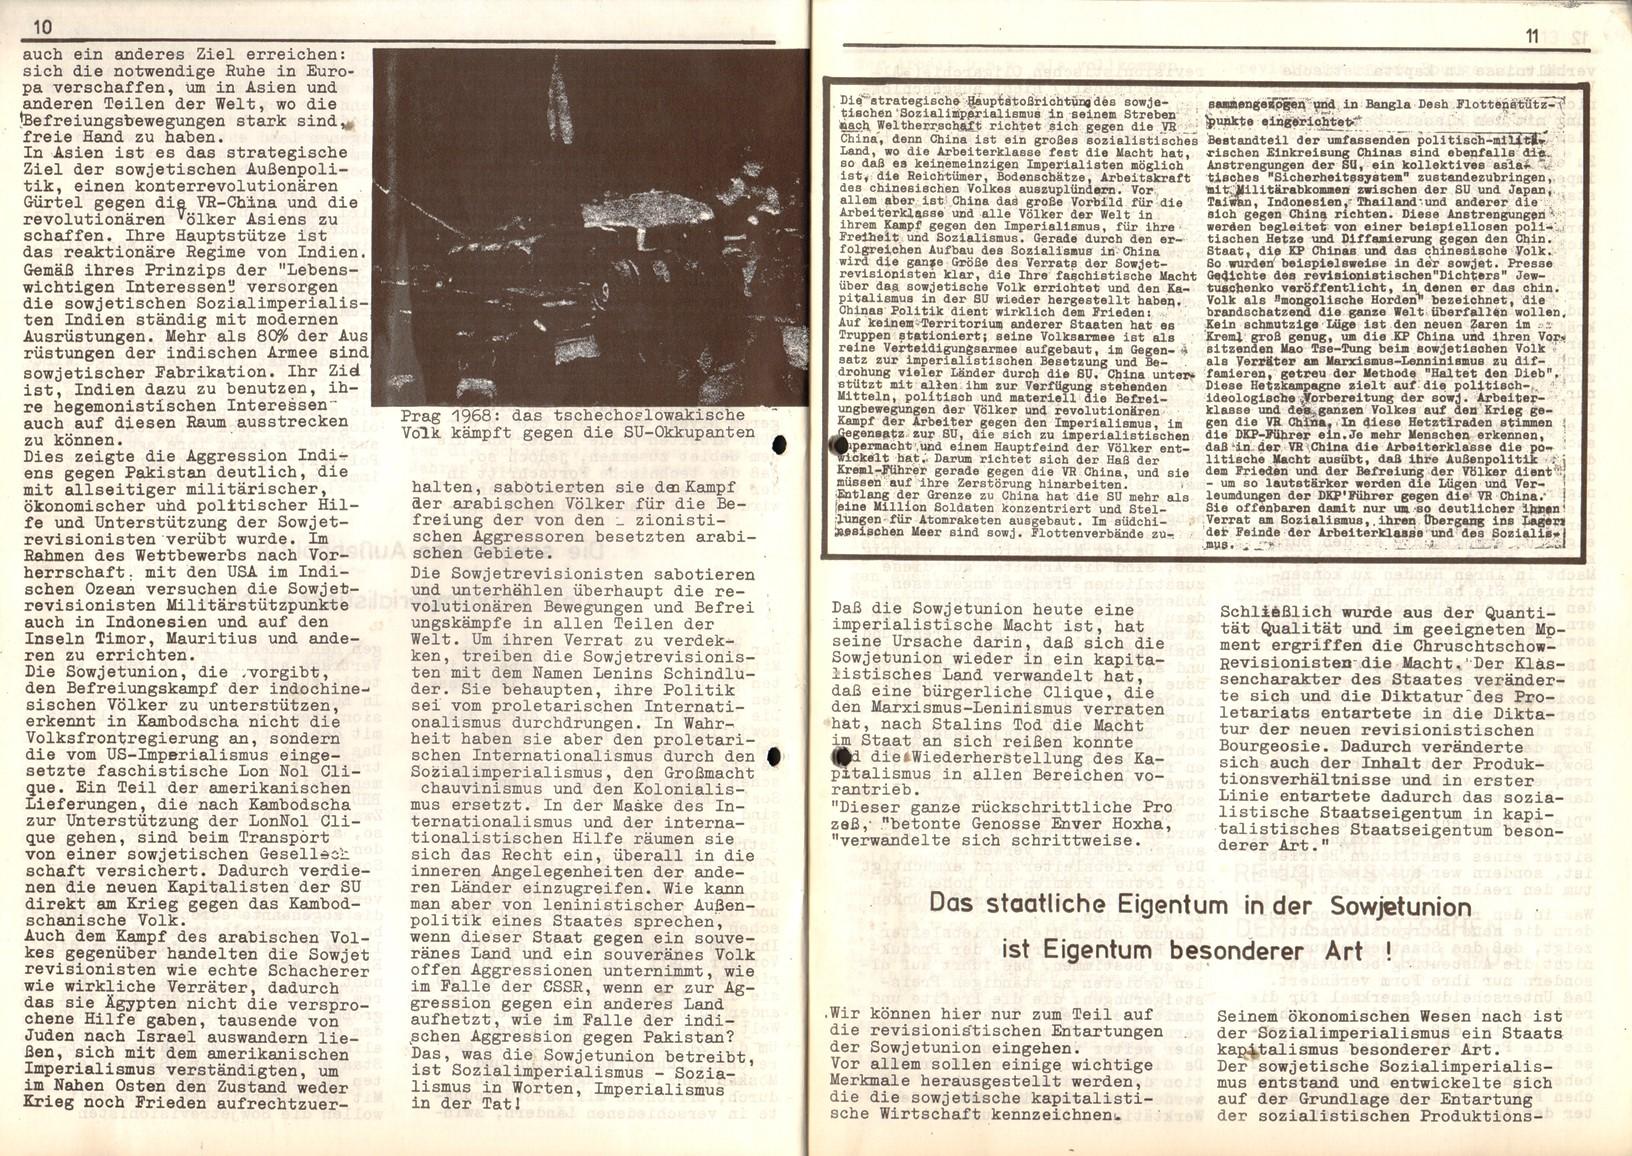 ML_Aachen_Bochum_Duisburg_1973_Breschnew_in_Bonn_06